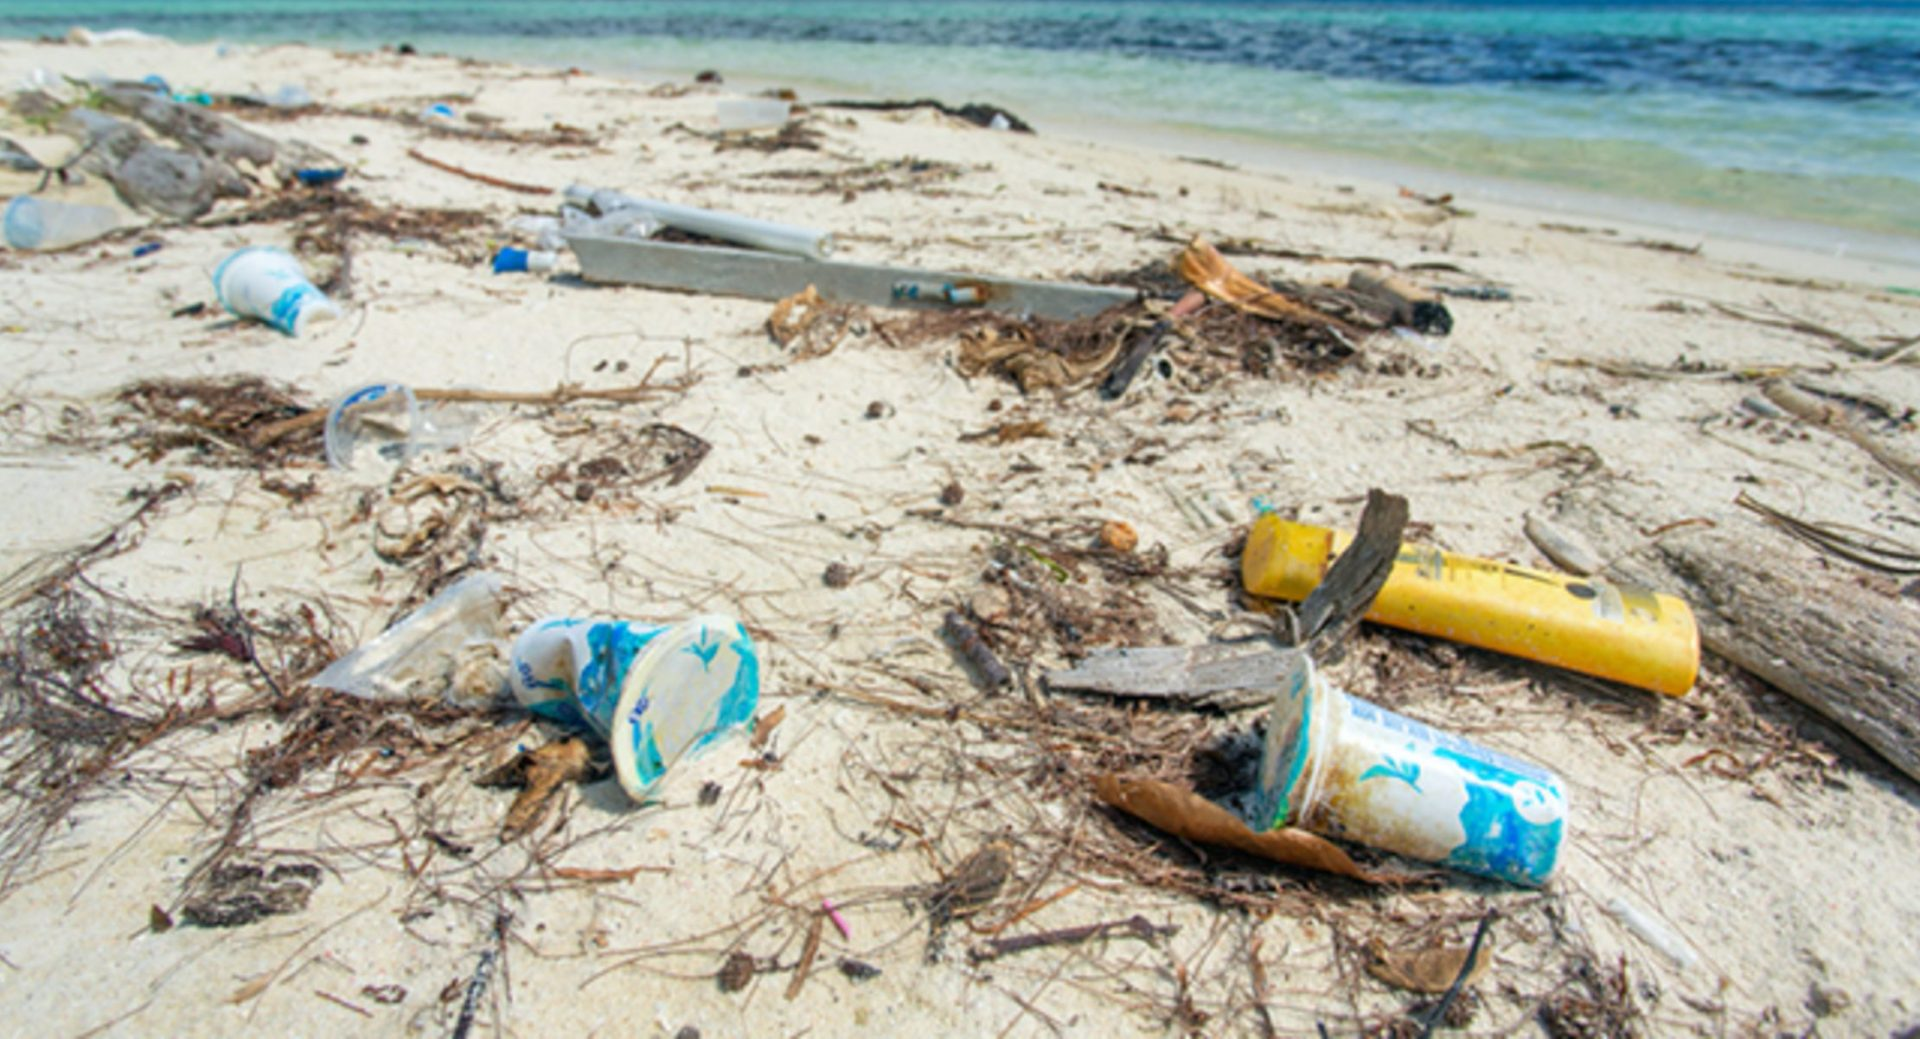 déchets plage pollution